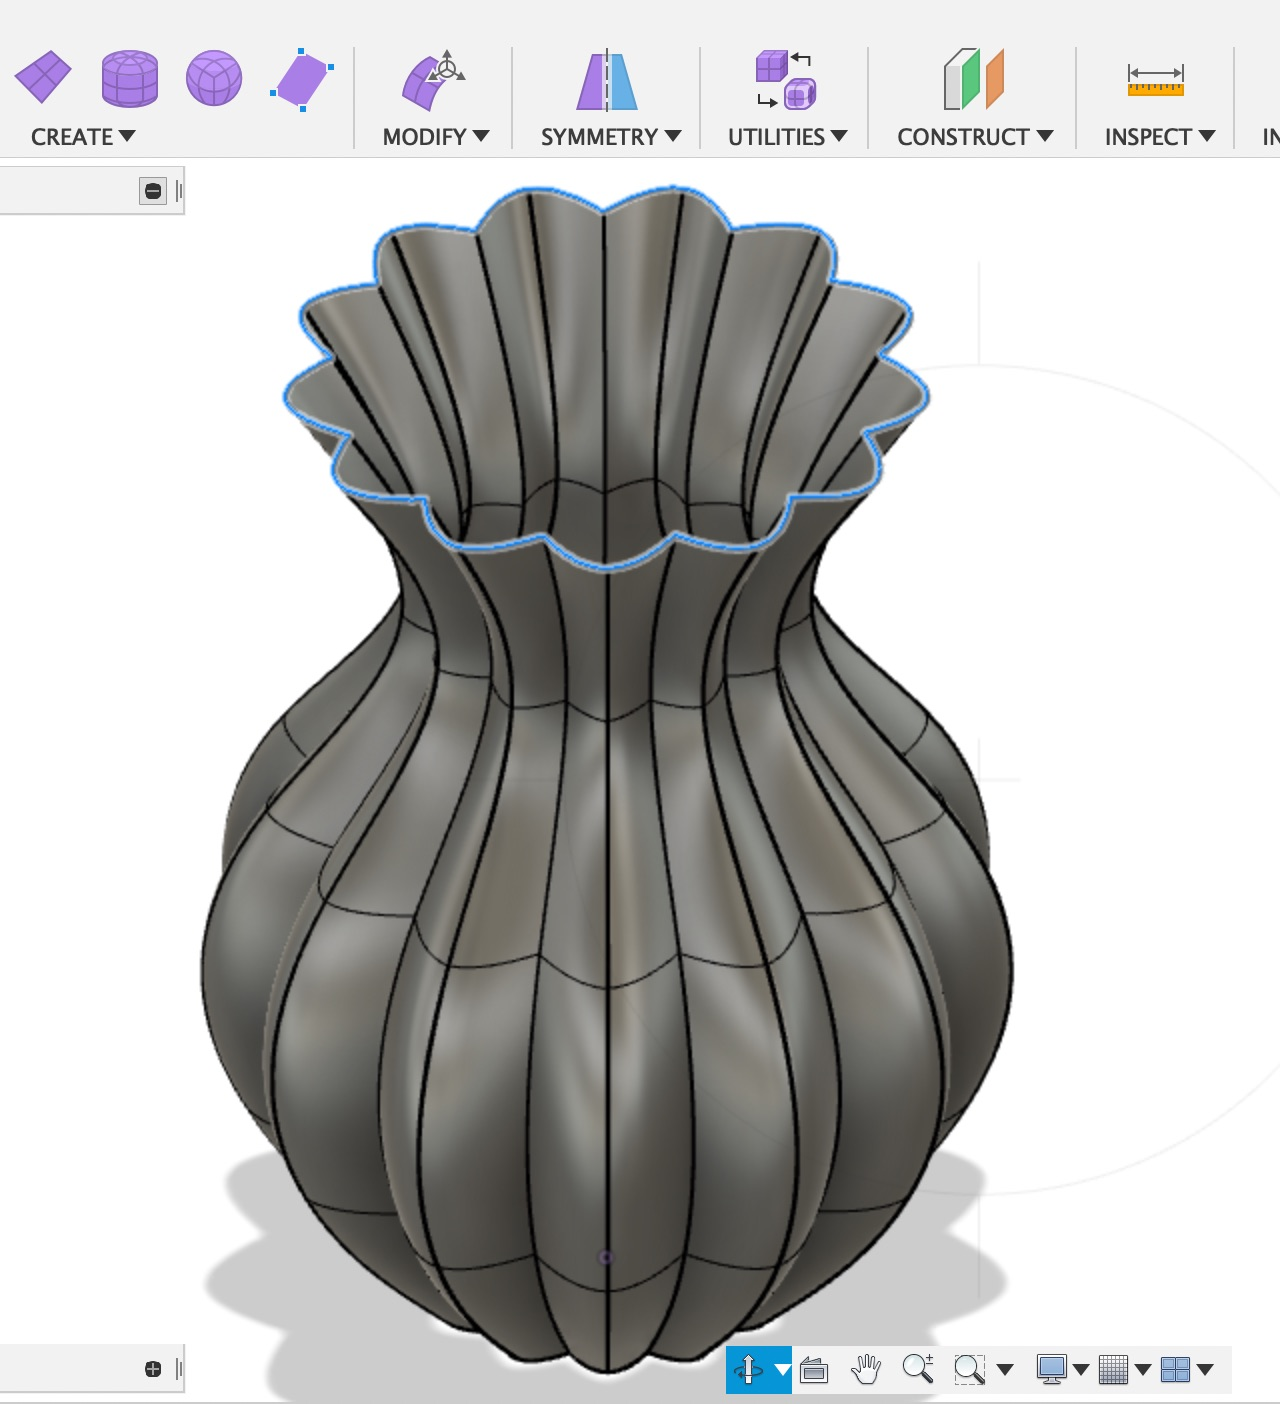 Intro to CAD: Fusion 360 Part 3 (via Zoom)